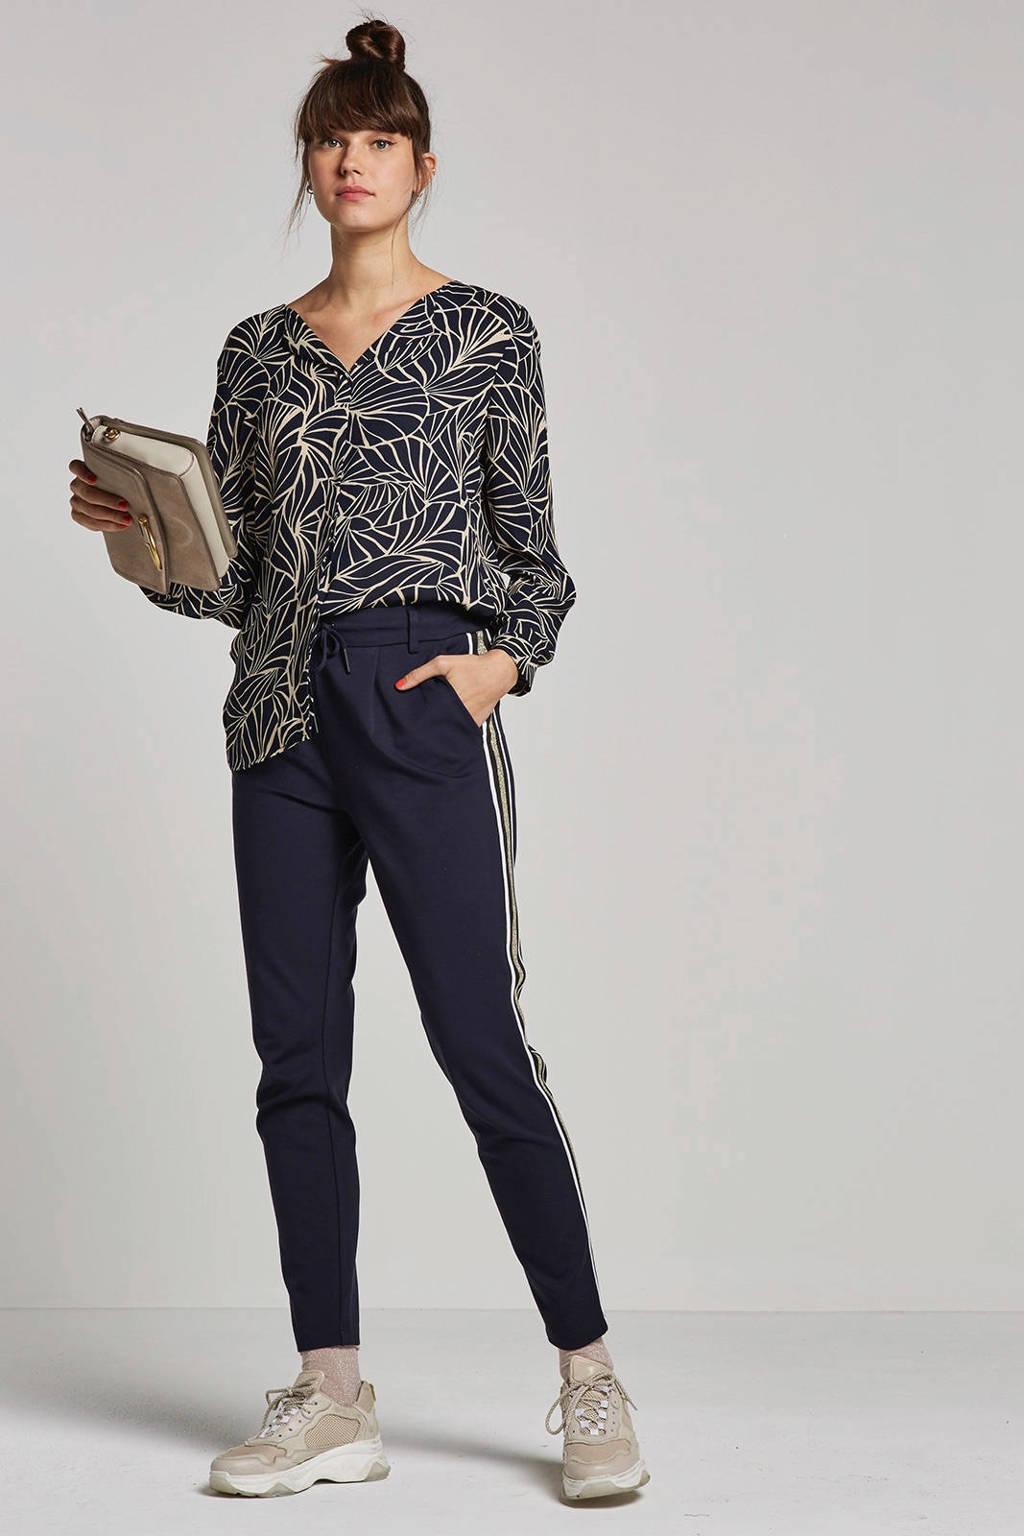 ONLY broek met zijstrepen, donkerblauw/wit/goud